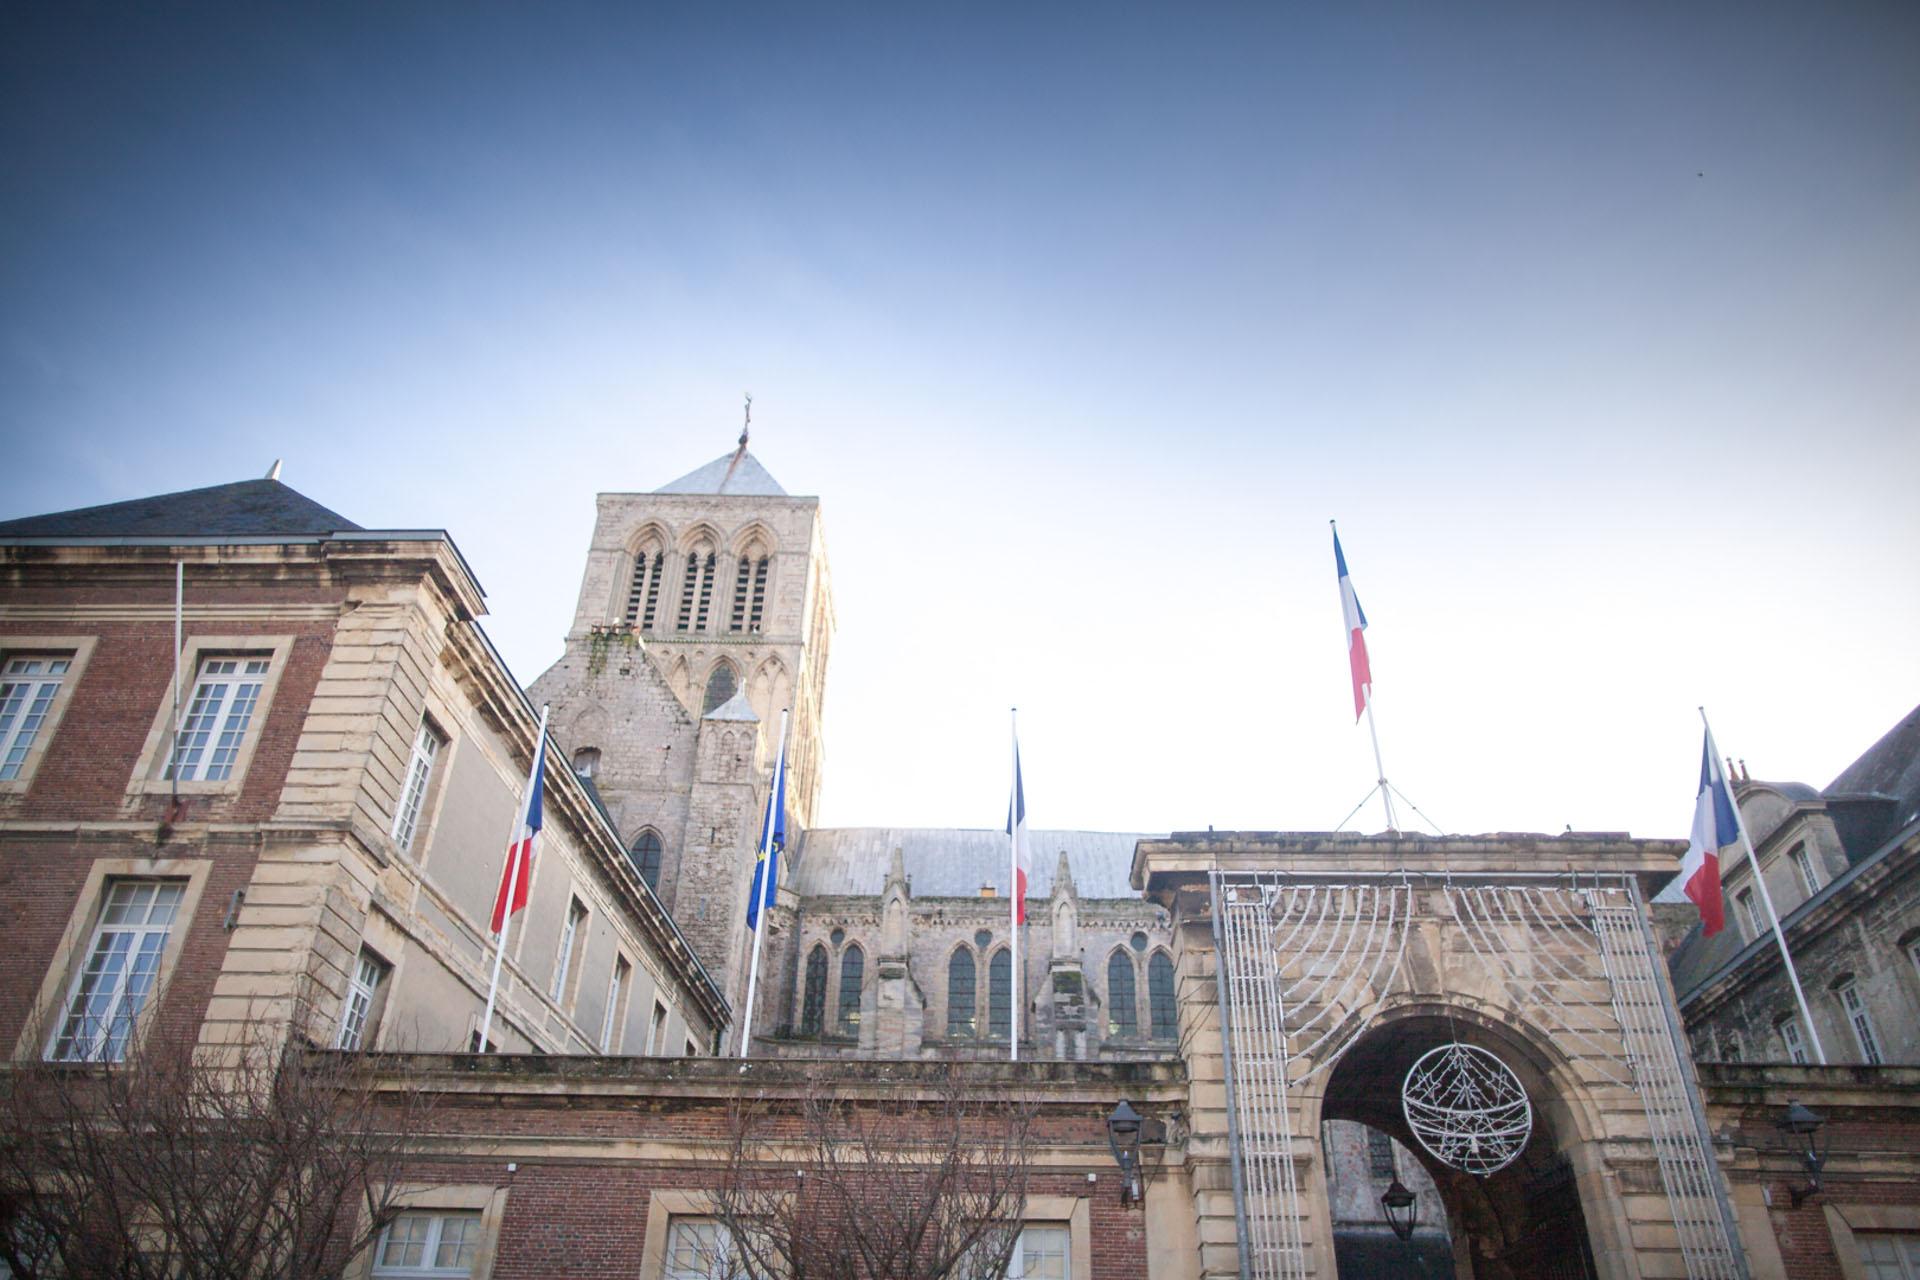 Cérémonie civile Mme Maicresse - Sébastien Leloup - 76 images par seconde